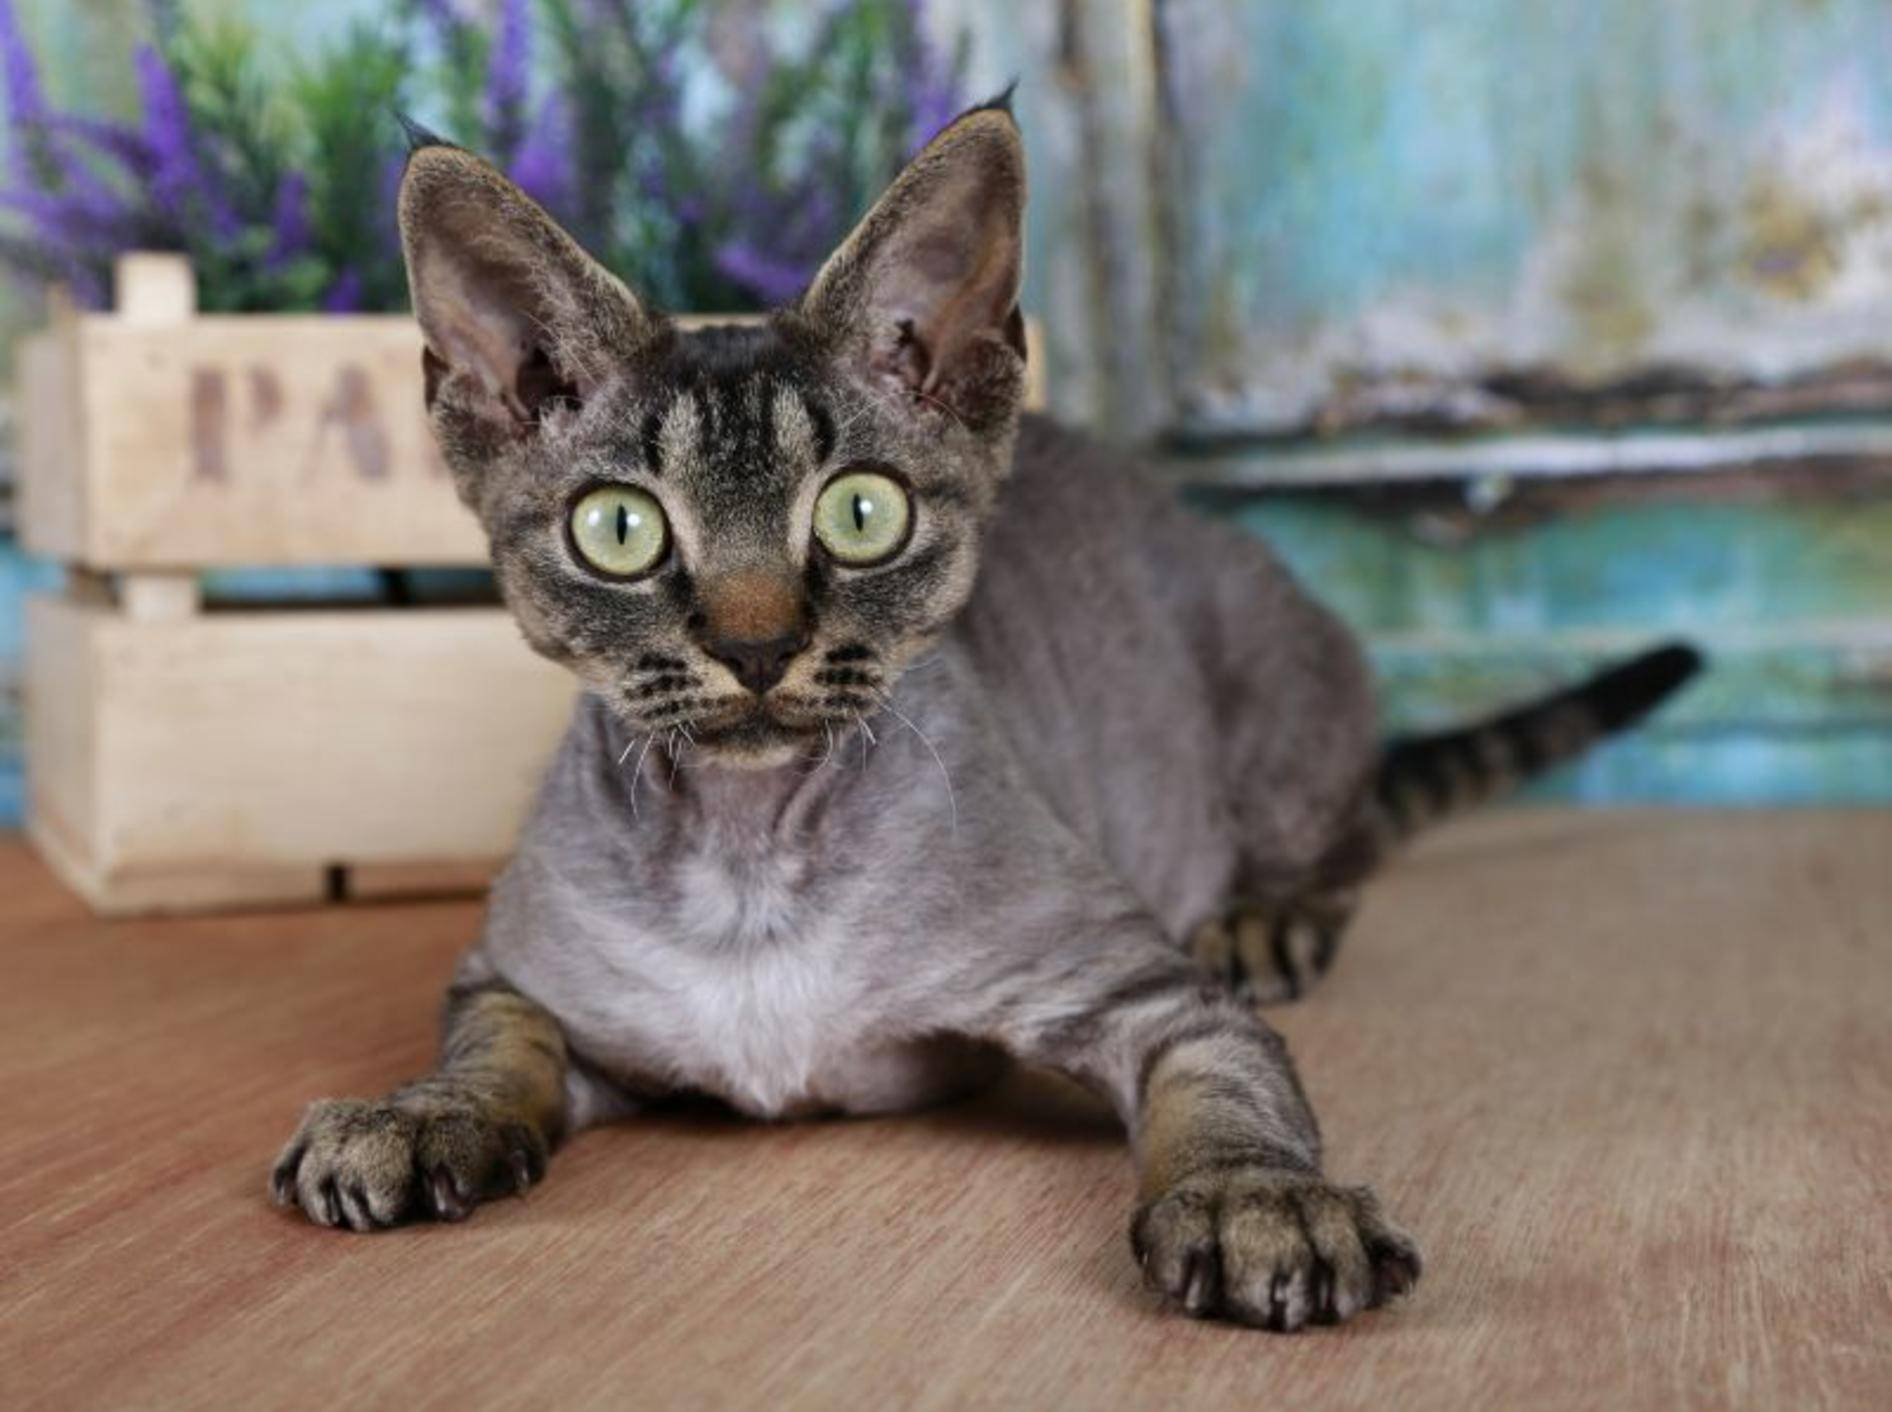 Die Devon Rex aus Großbritannien ist nicht nur an ihrem besonderen, lockigen Fell sondern auch an den großen Ohren und der prägnanten Kopfform erkennbar — Bild: Shutterstock / Berlina